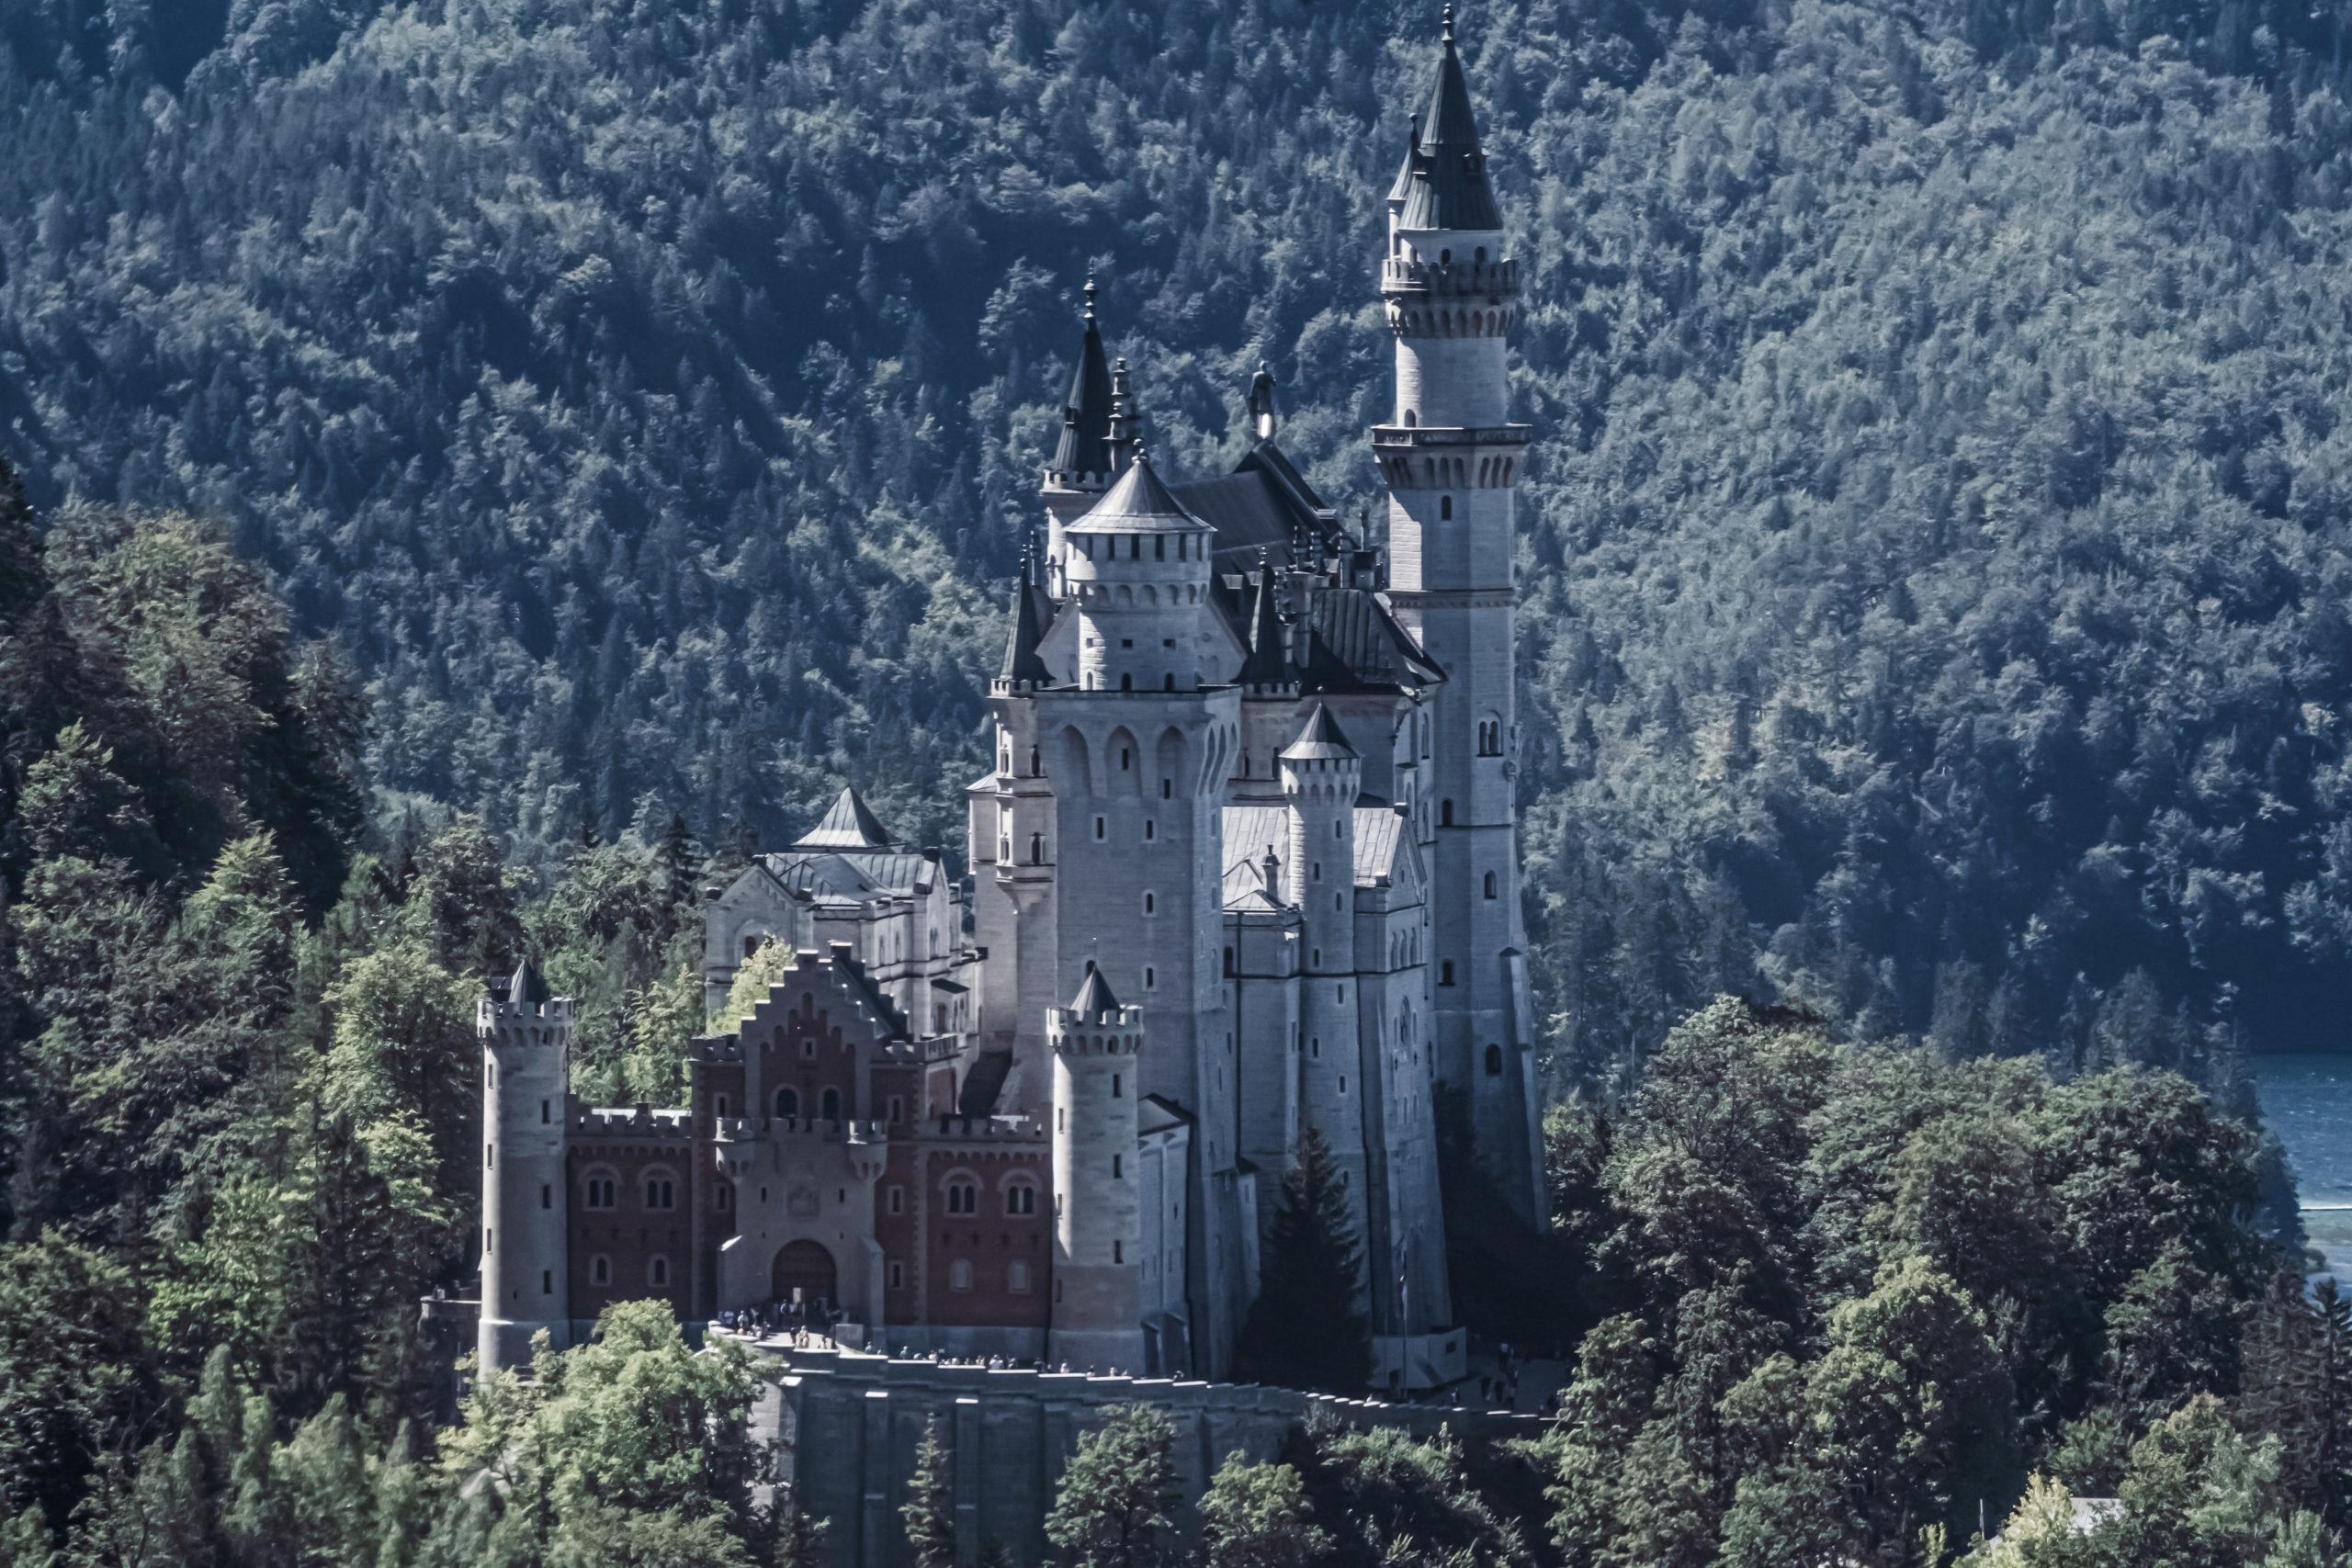 Allgaü, Schloss Neuschwanstein